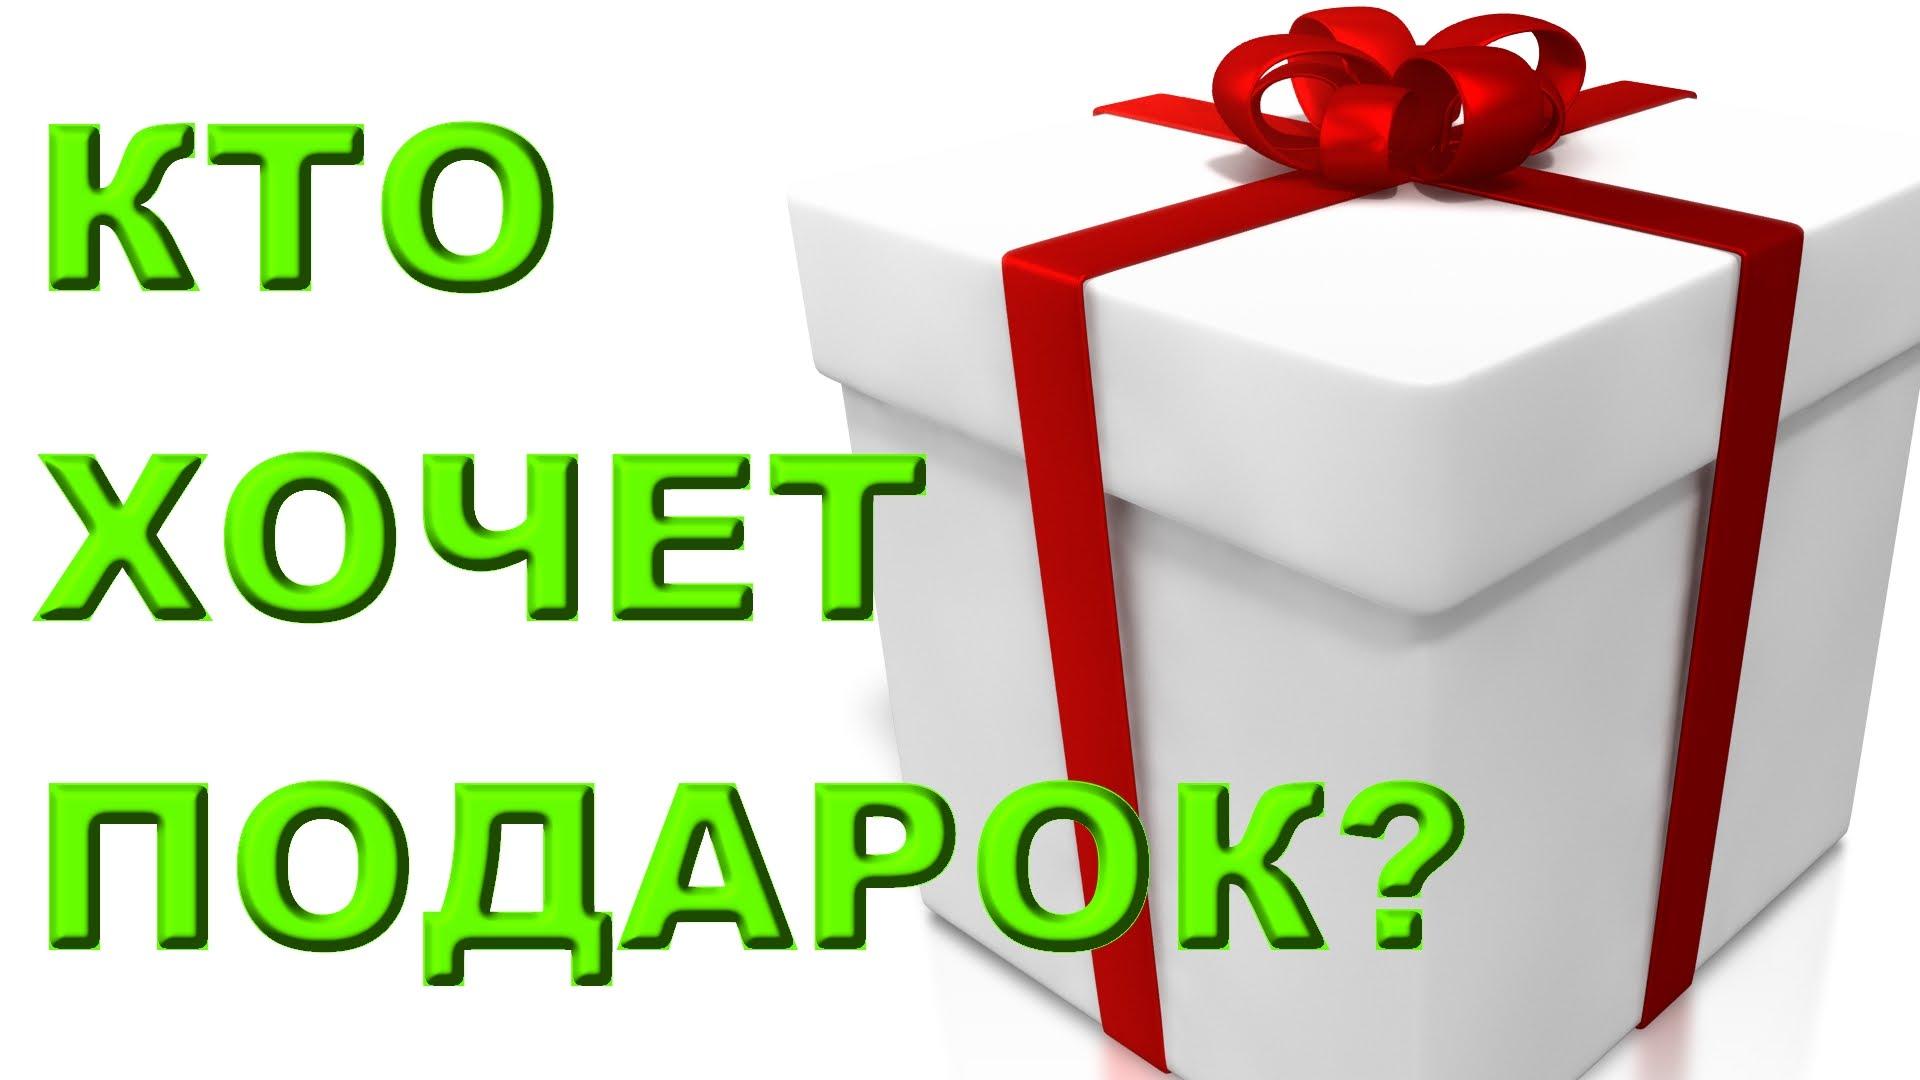 Кто хочет подарок? Конкурс на форуме Выгодная Покупка